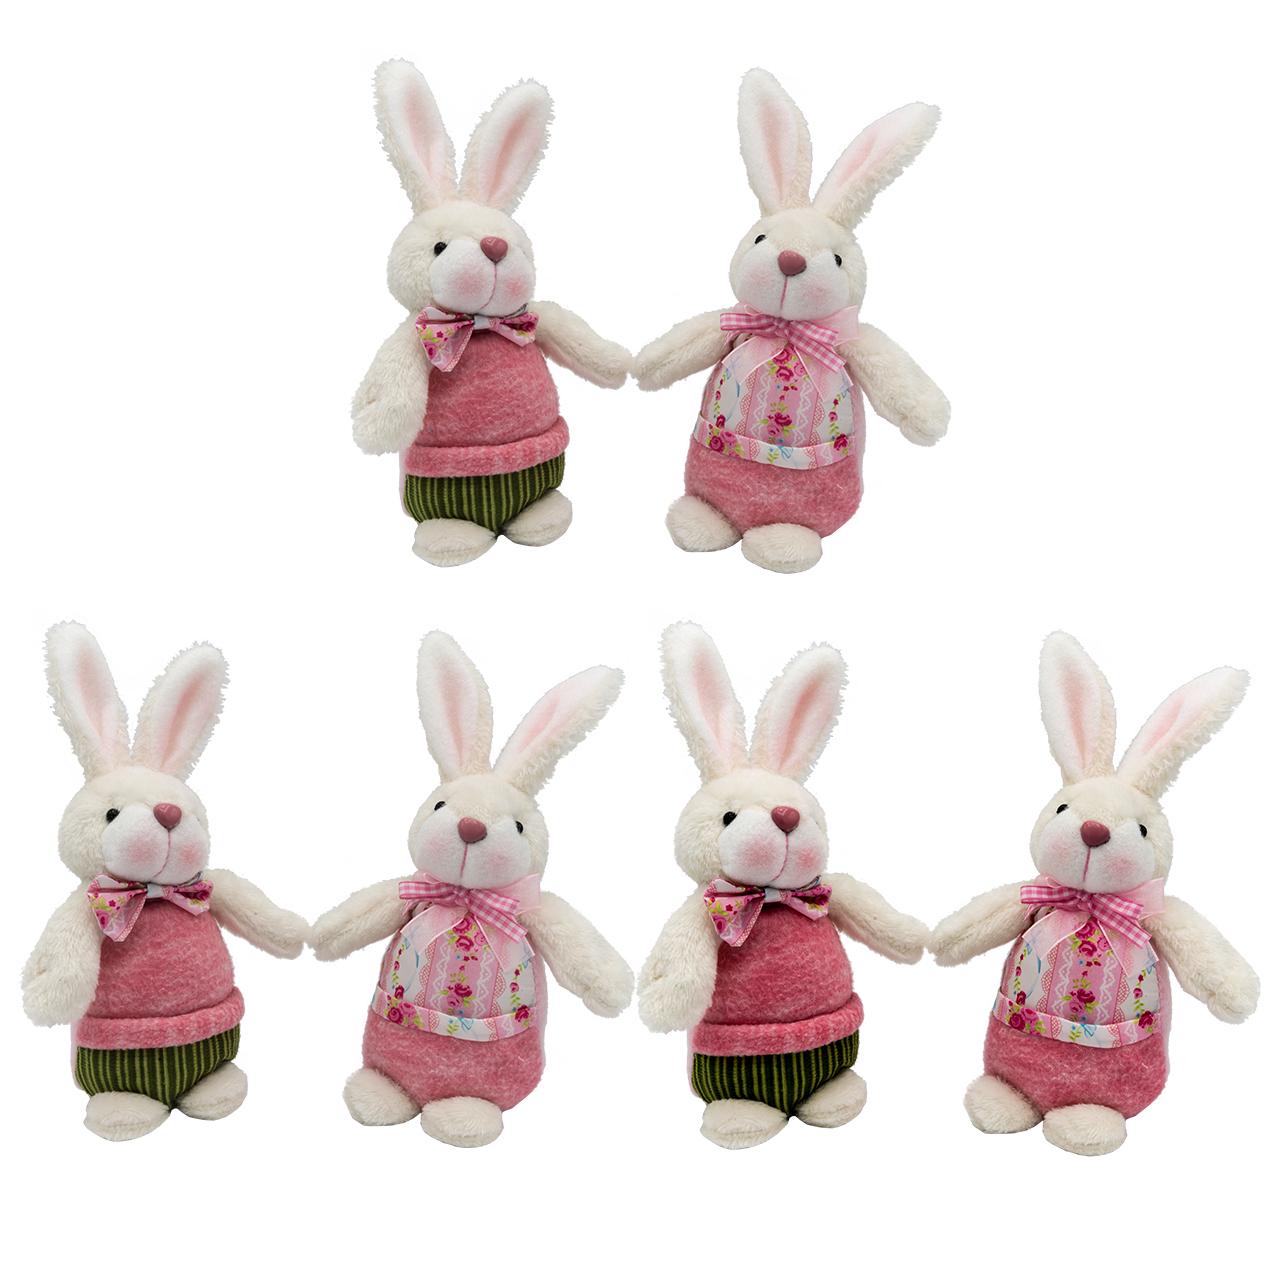 ست عروسک مدل Boy and Girl  Rabbit ارتفاع 20 سانتی متر بسته 6 عددی